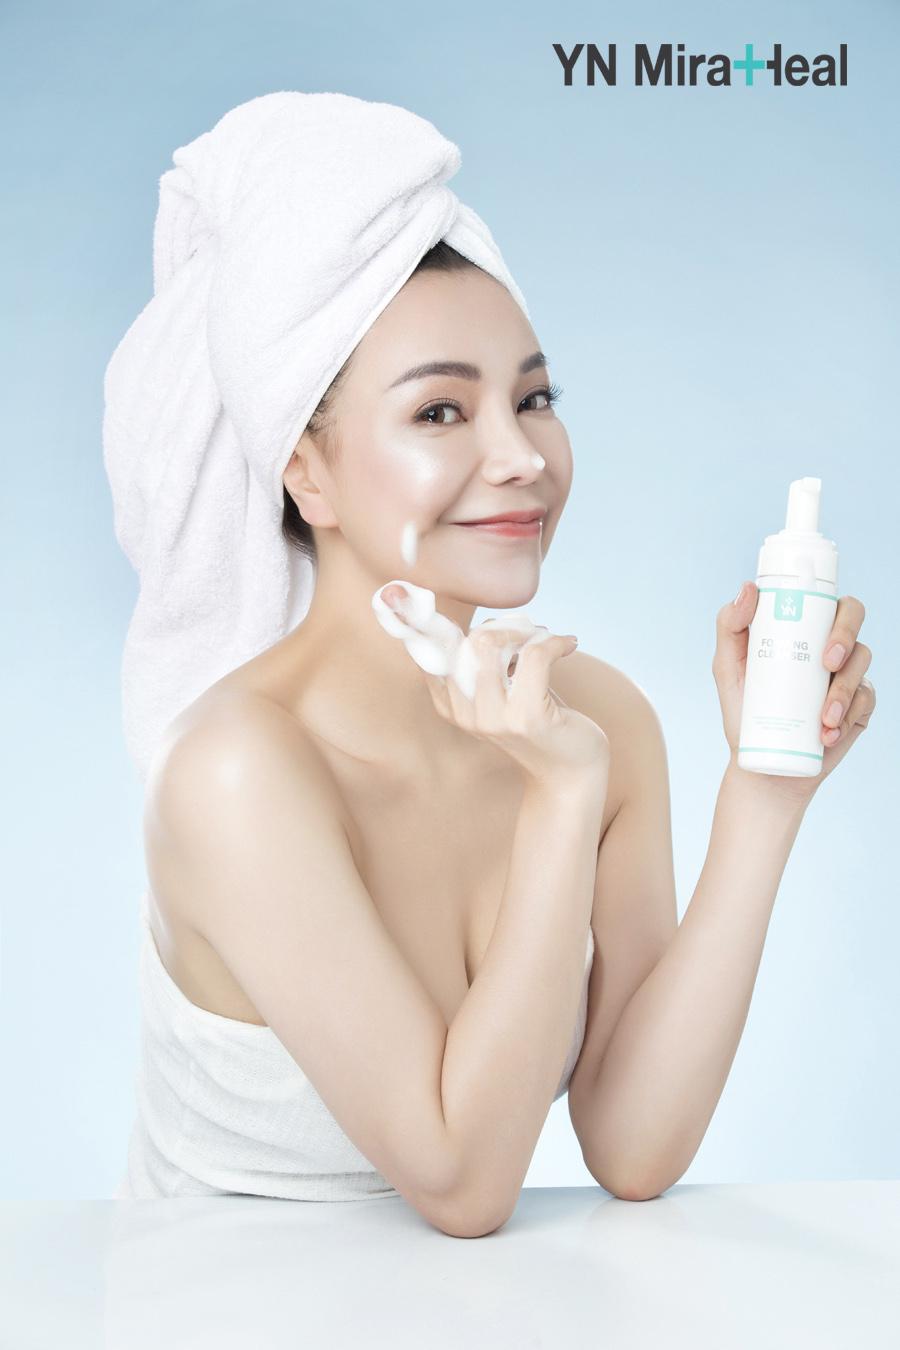 Thành phần dịu nhẹ trong sữa rửa mặt ngăn ngừa tình trạng khô da sau khi sử dụng